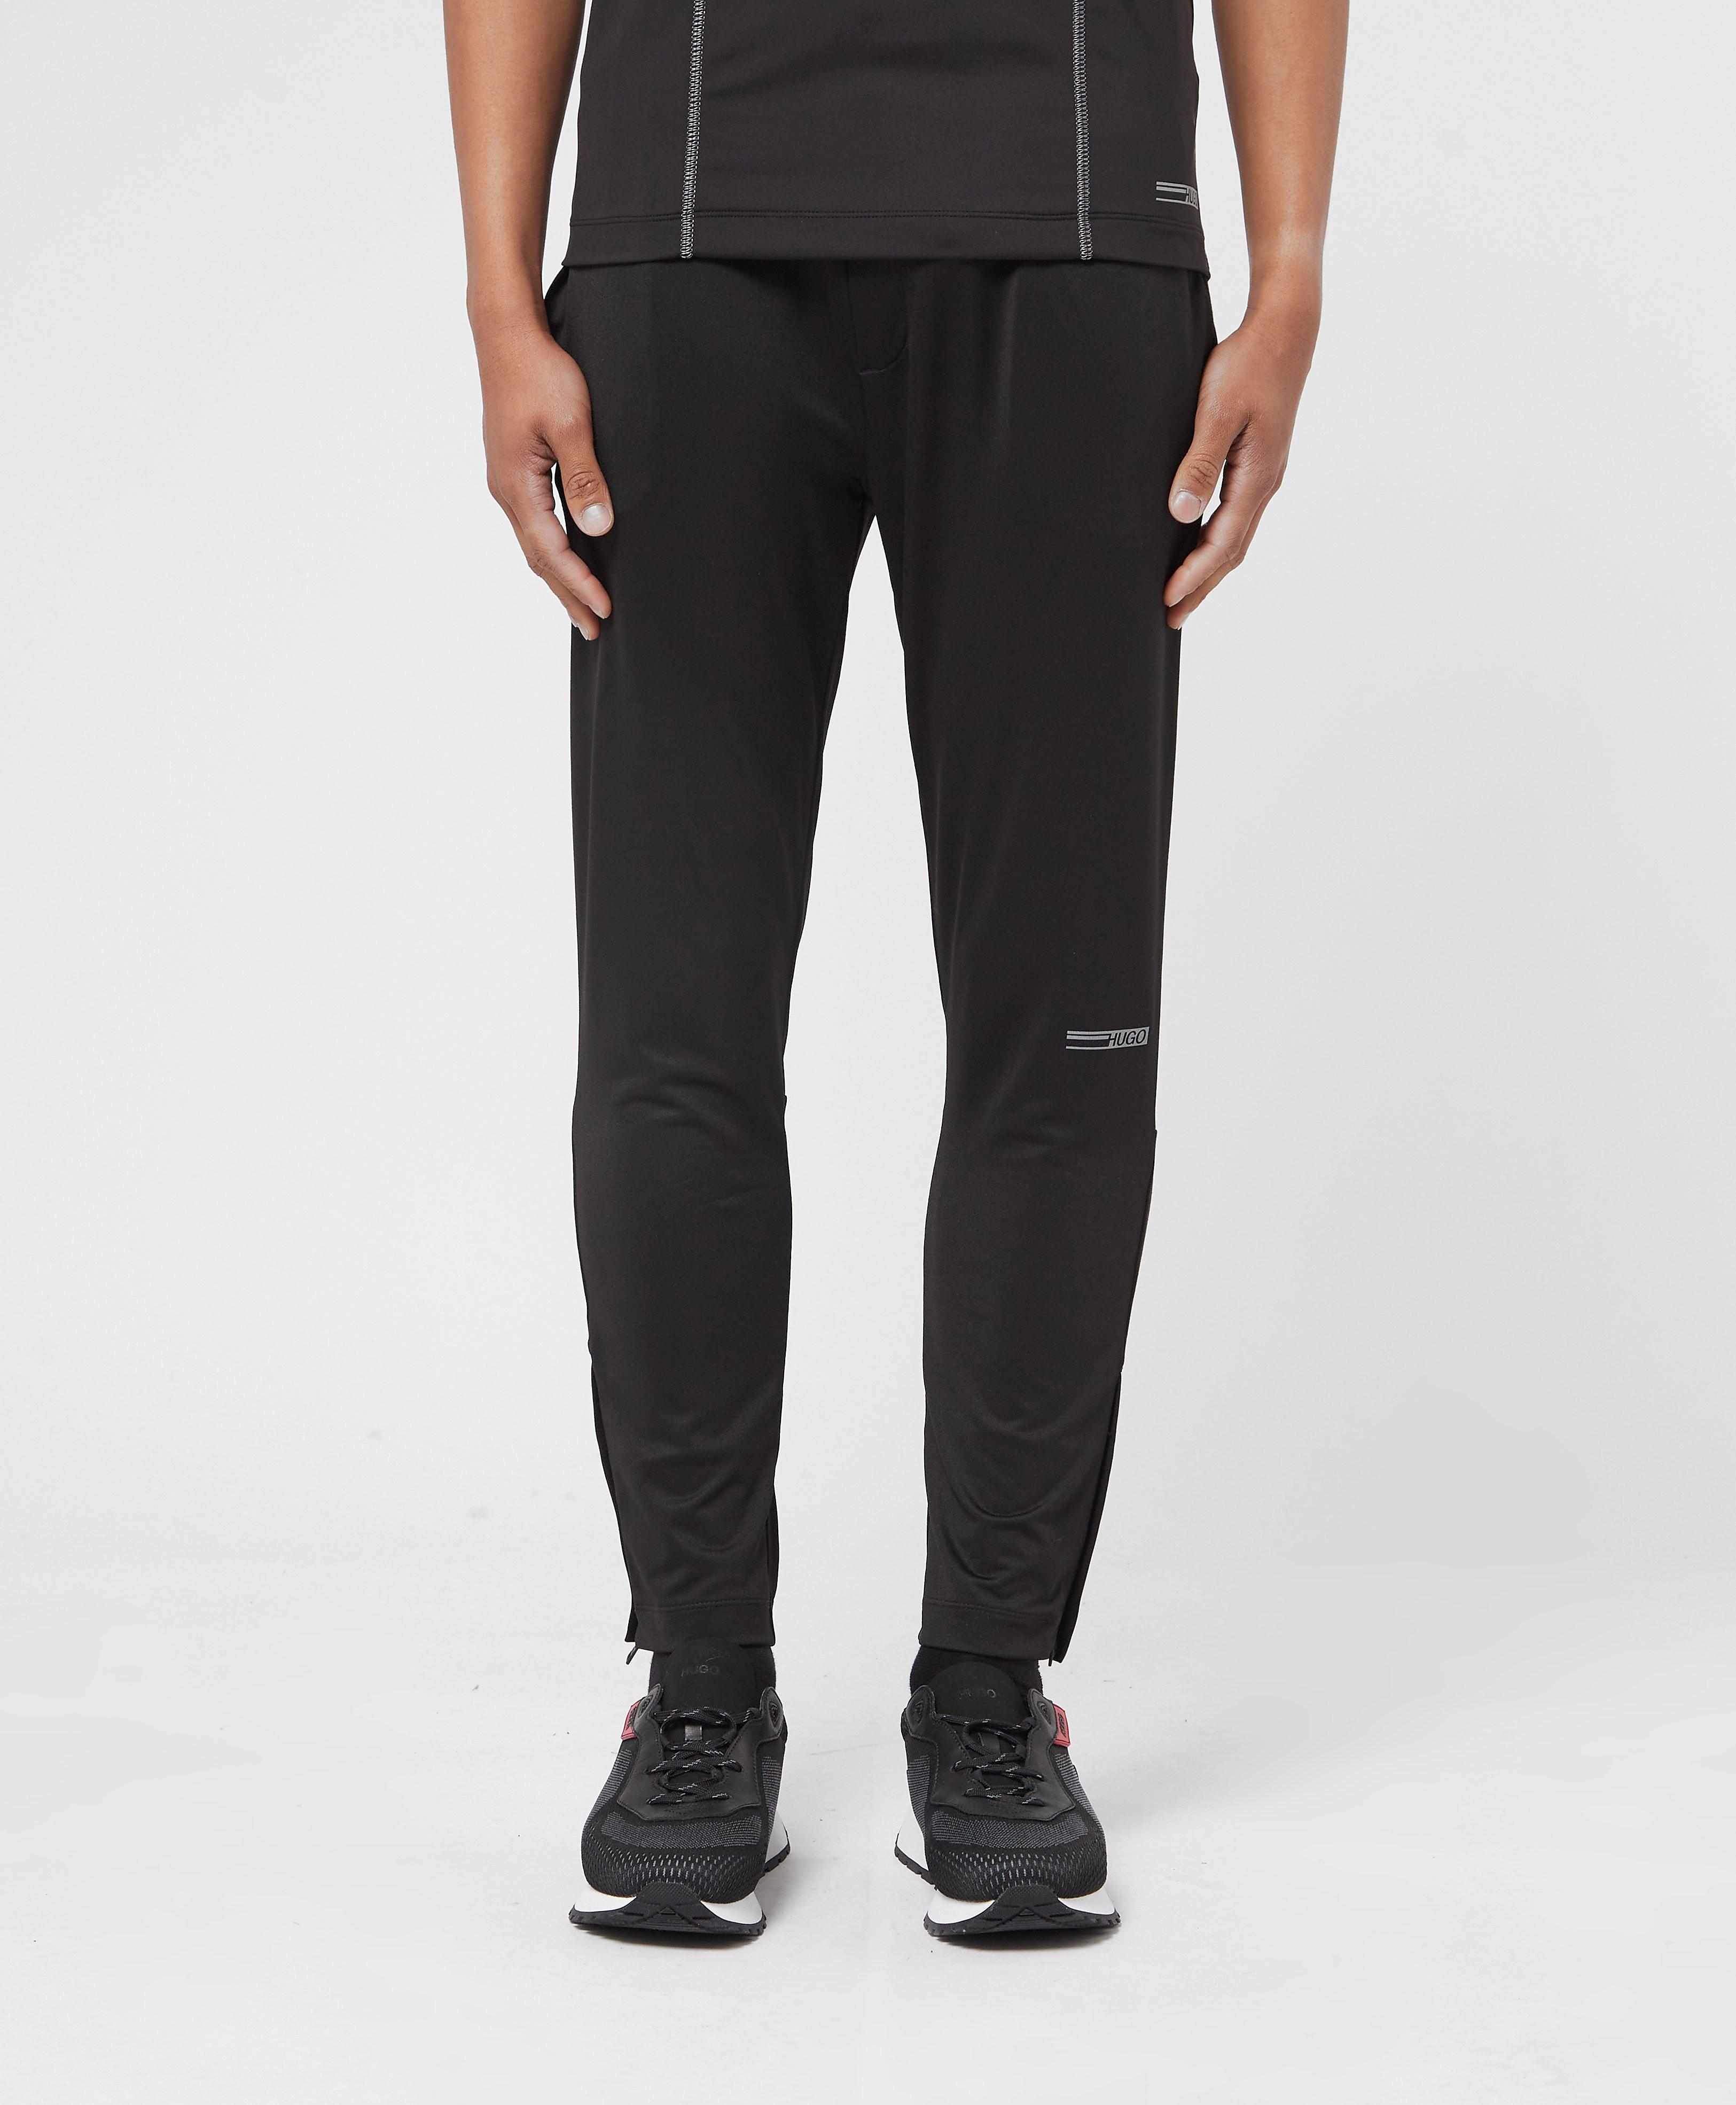 Men's HUGO Duscle Joggers - Black, Black